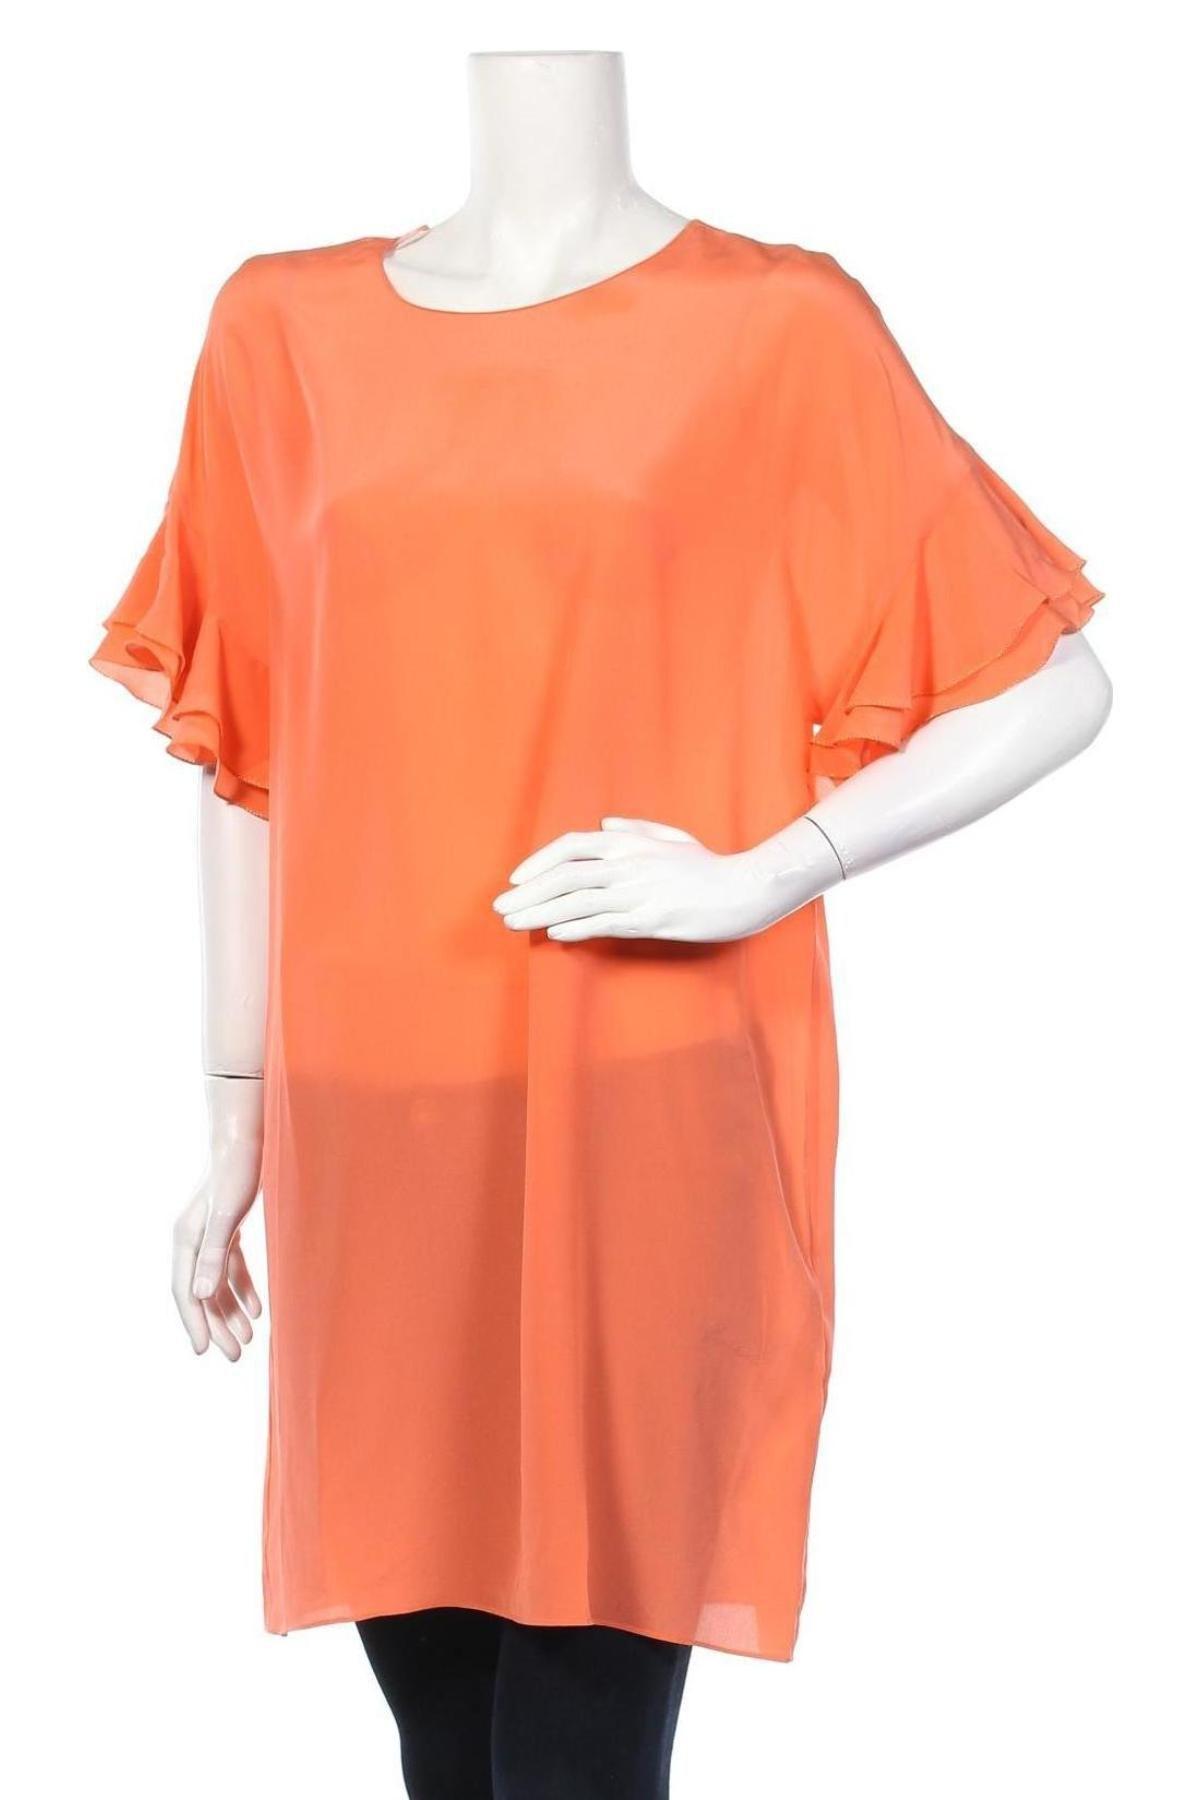 Τουνίκ TWINSET, Μέγεθος M, Χρώμα Πορτοκαλί, Μετάξι, Τιμή 66,56€